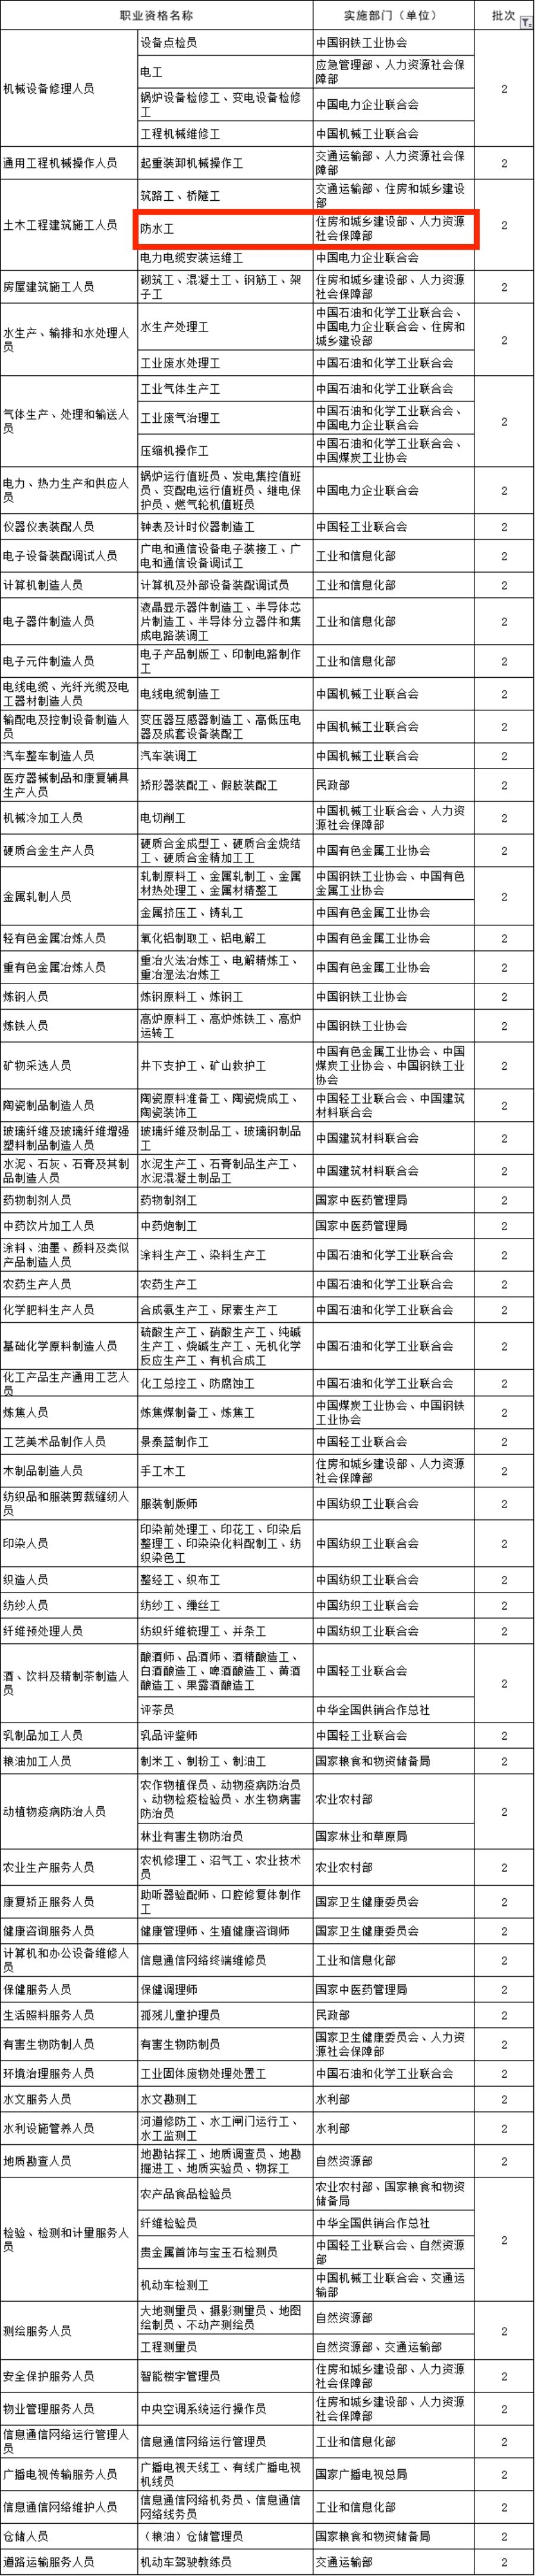 寰�淇″�剧��_20200714092809.png